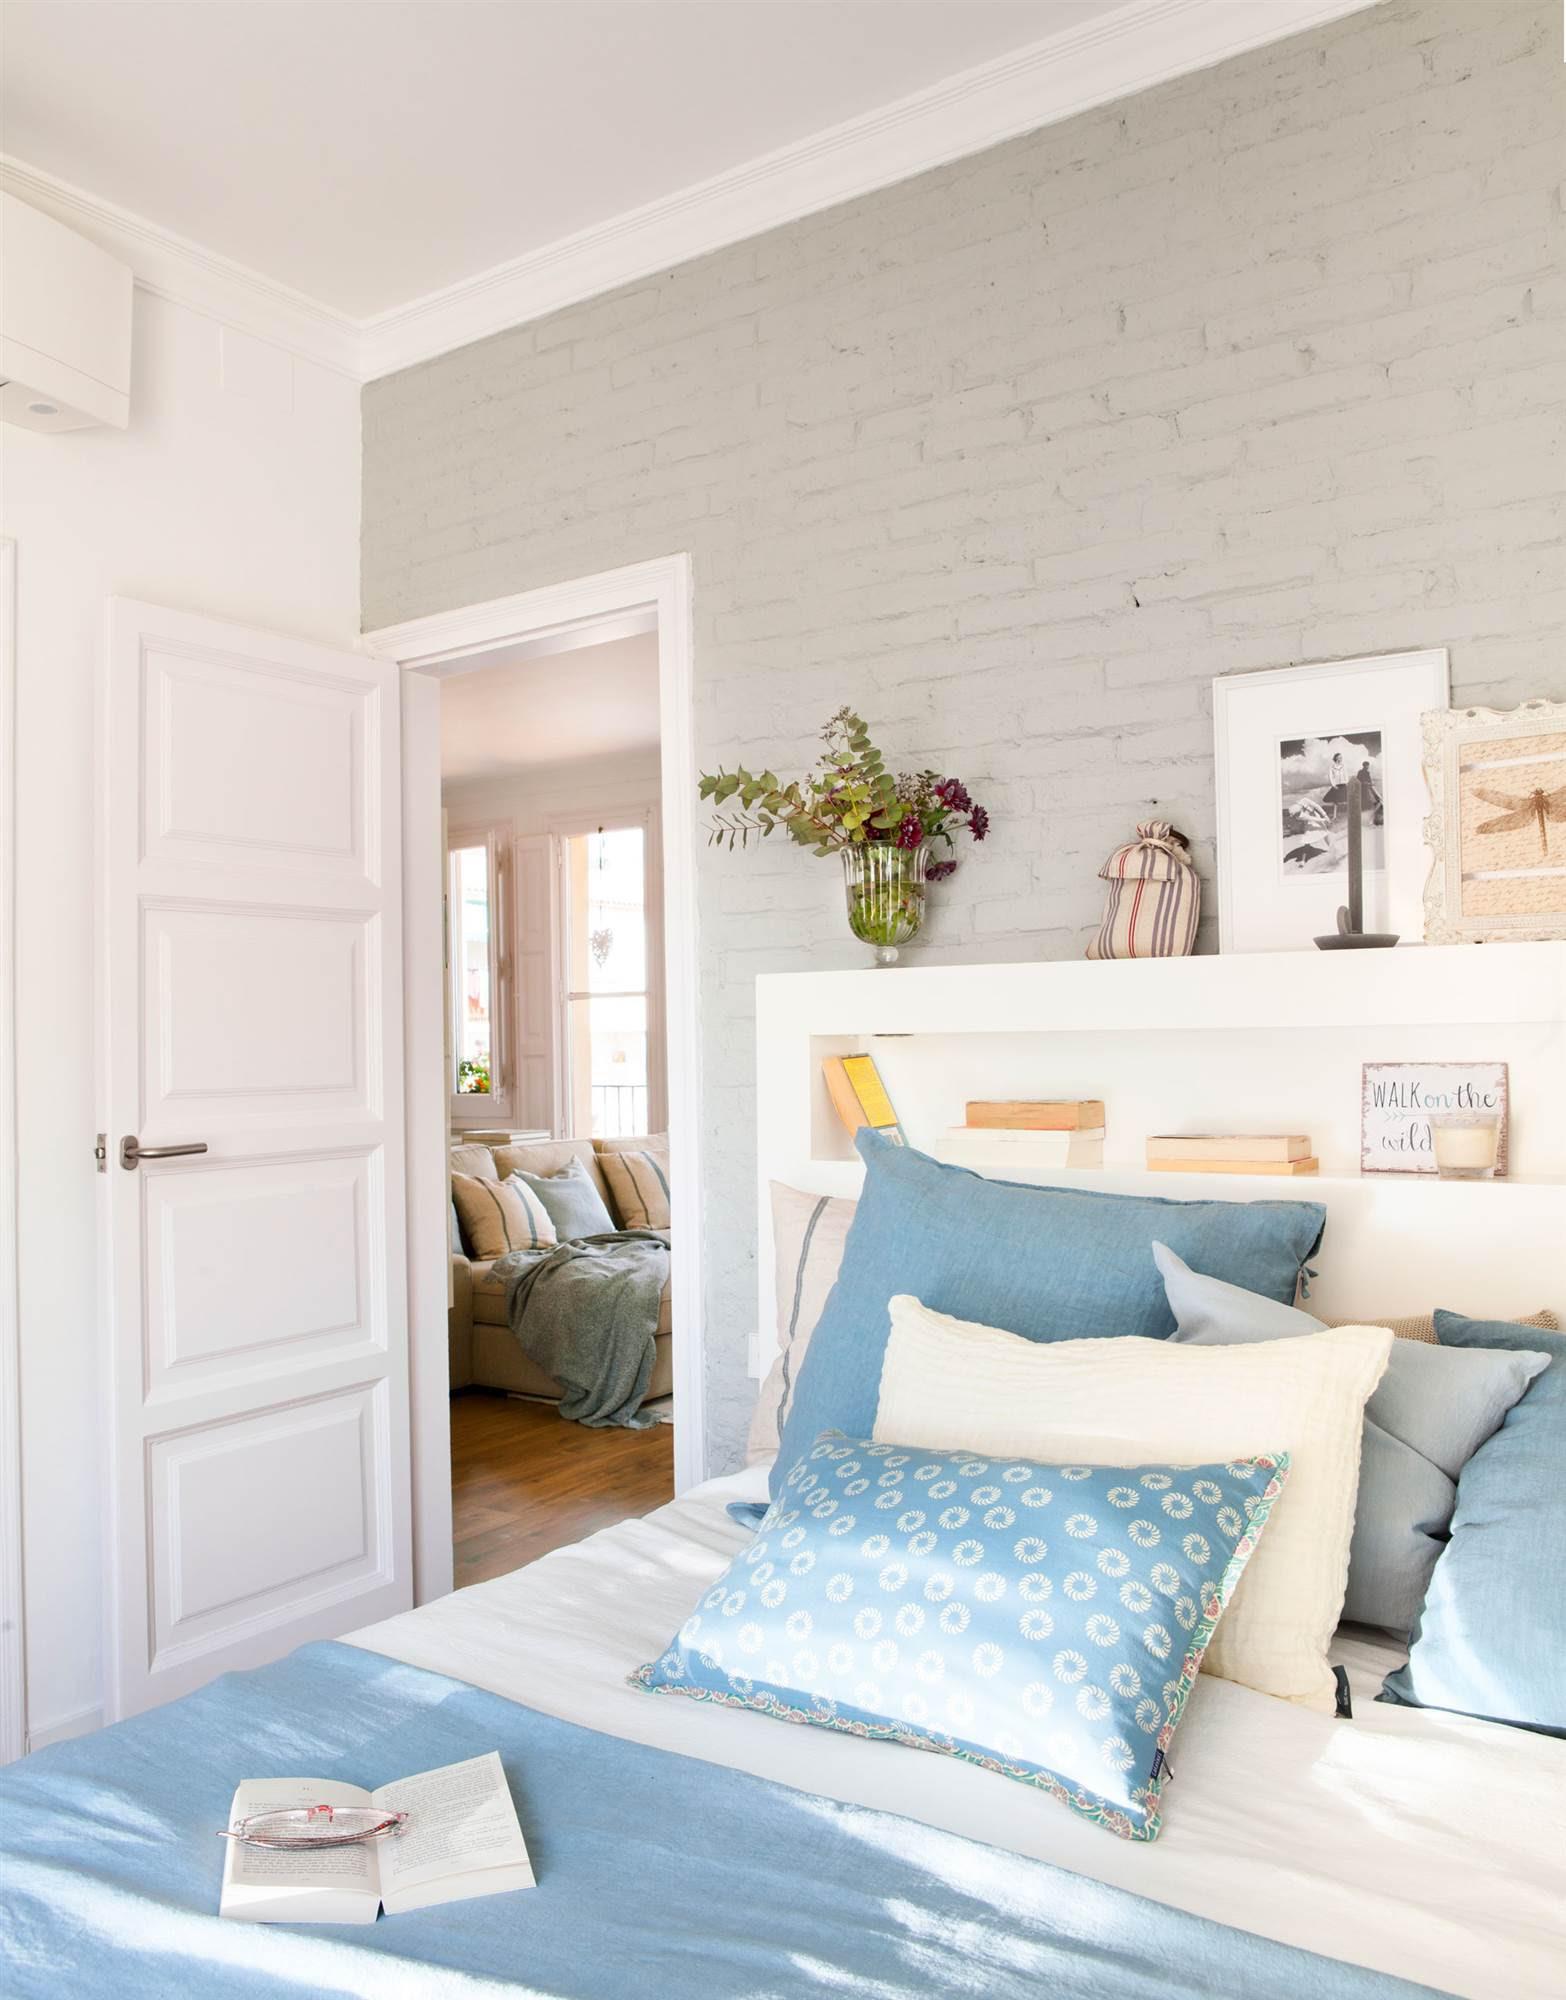 00429037. Dormitorio con pared de ladrillo pintada de gris 00429037